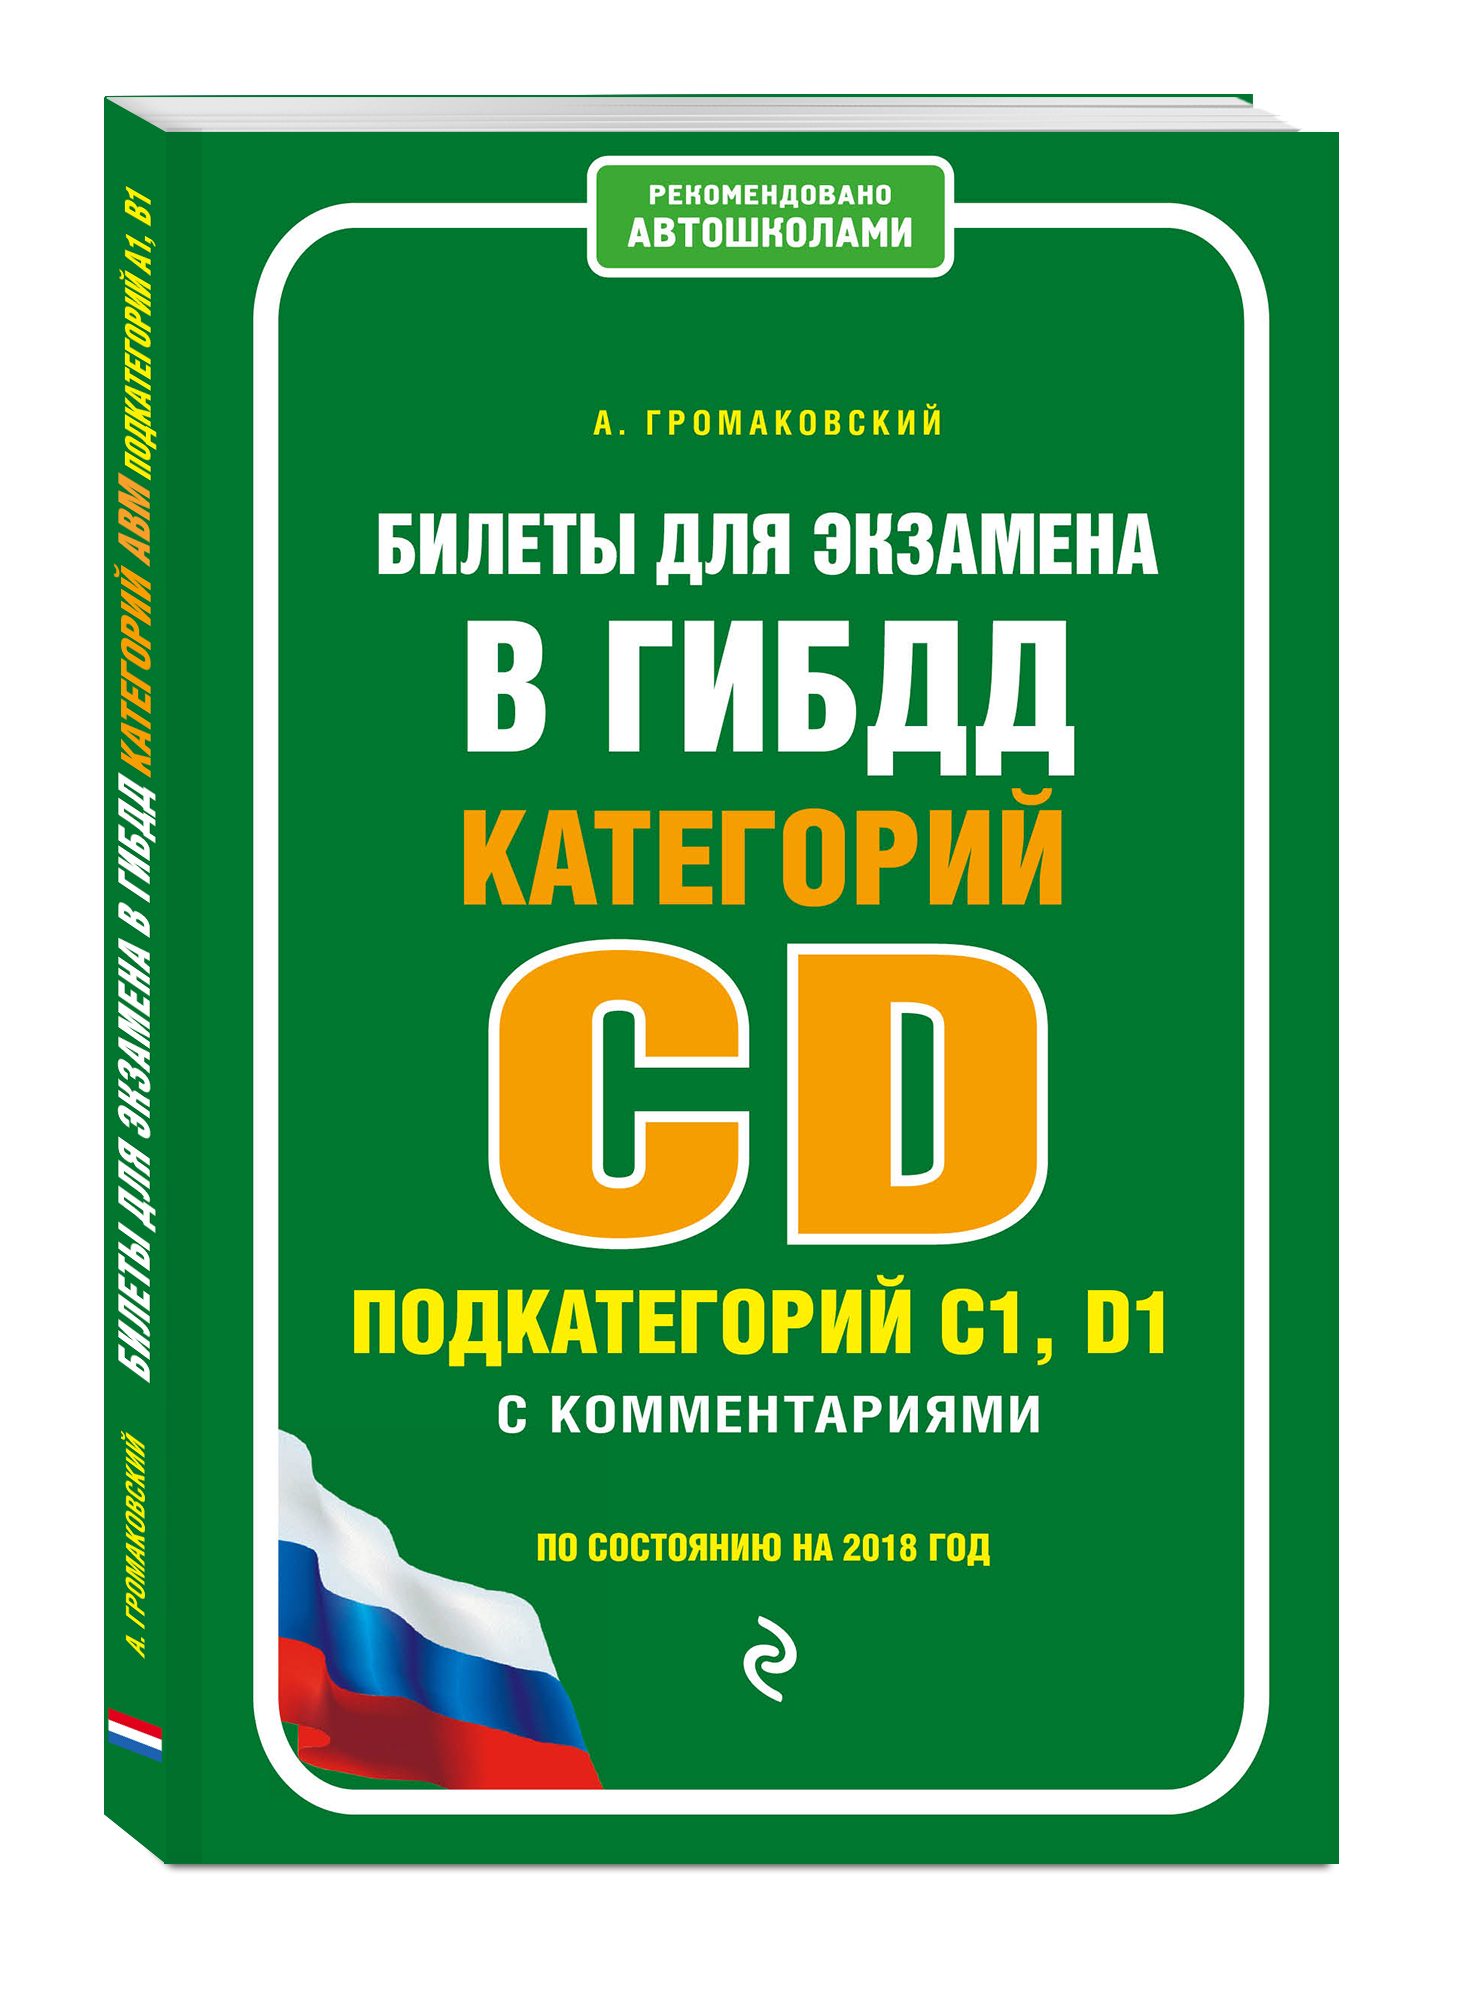 Билеты для экзамена в ГИБДД категории C и D, подкатегории C1, D1 с комментариями (по состоянию на 2018 год)